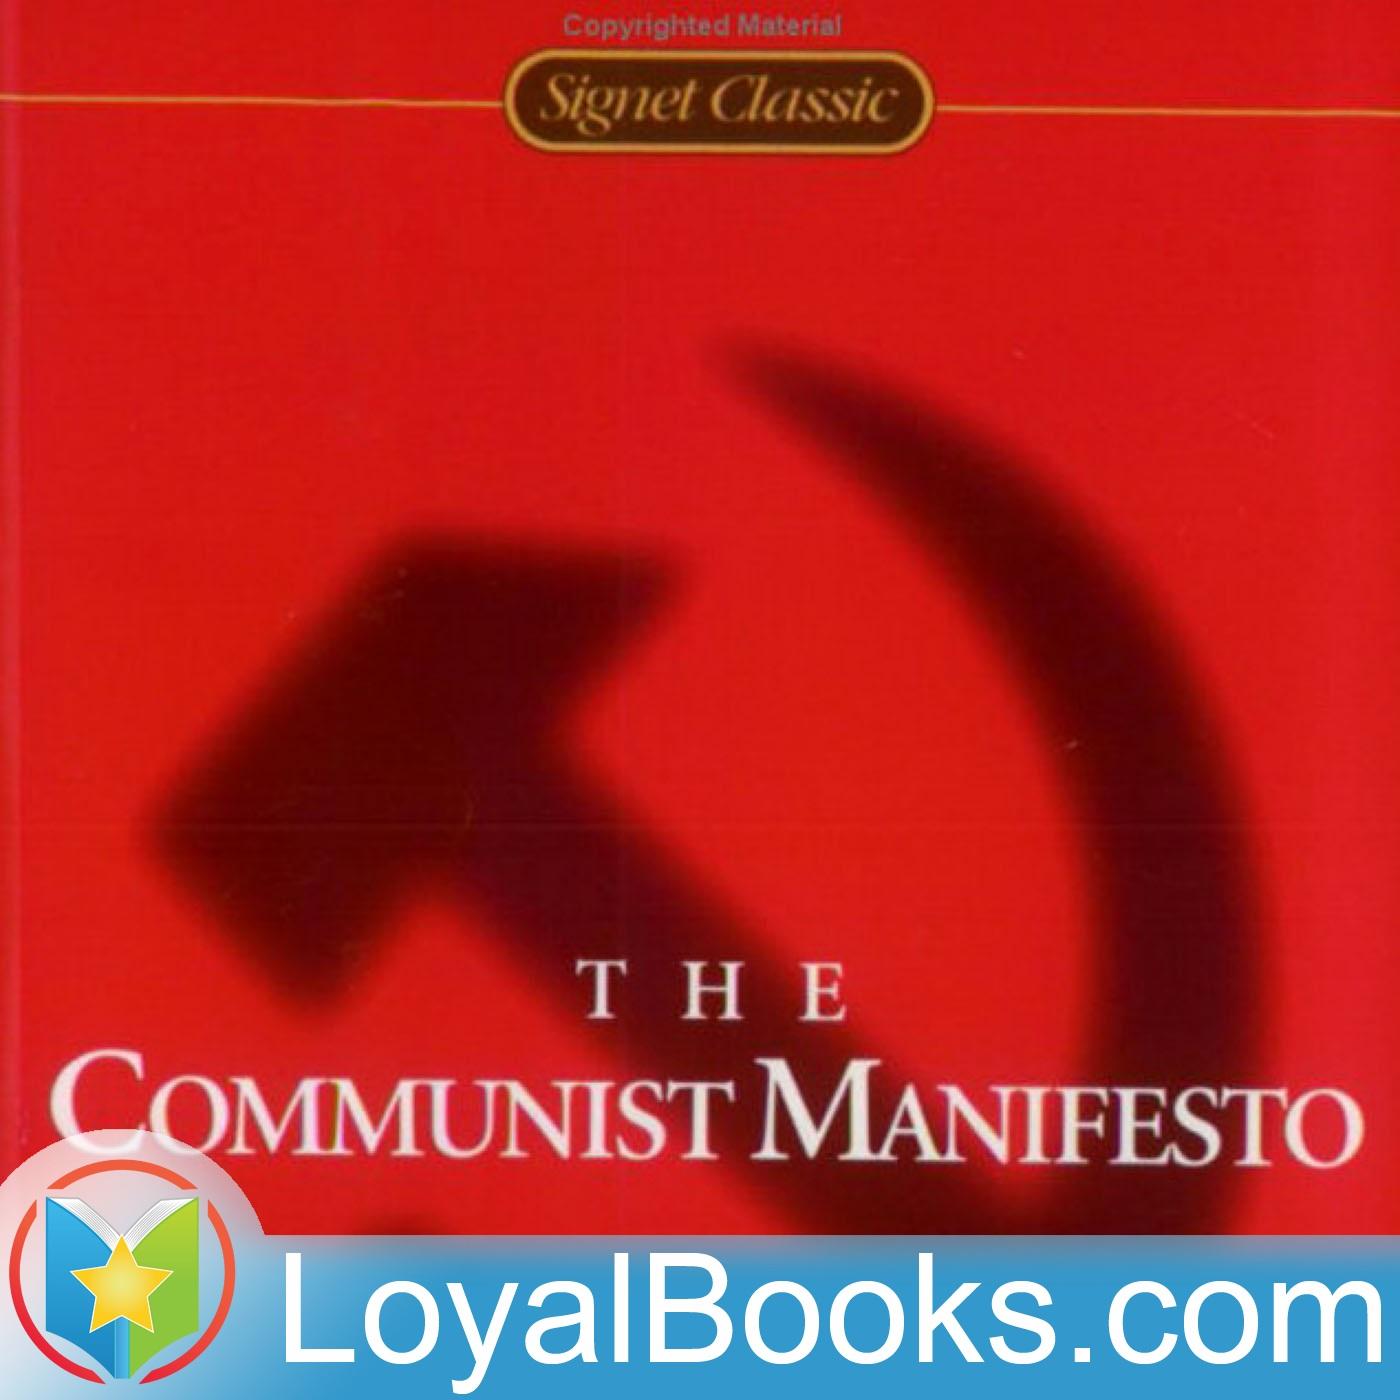 <![CDATA[The Communist Manifesto by Karl Marx and Friedrich Engels]]>